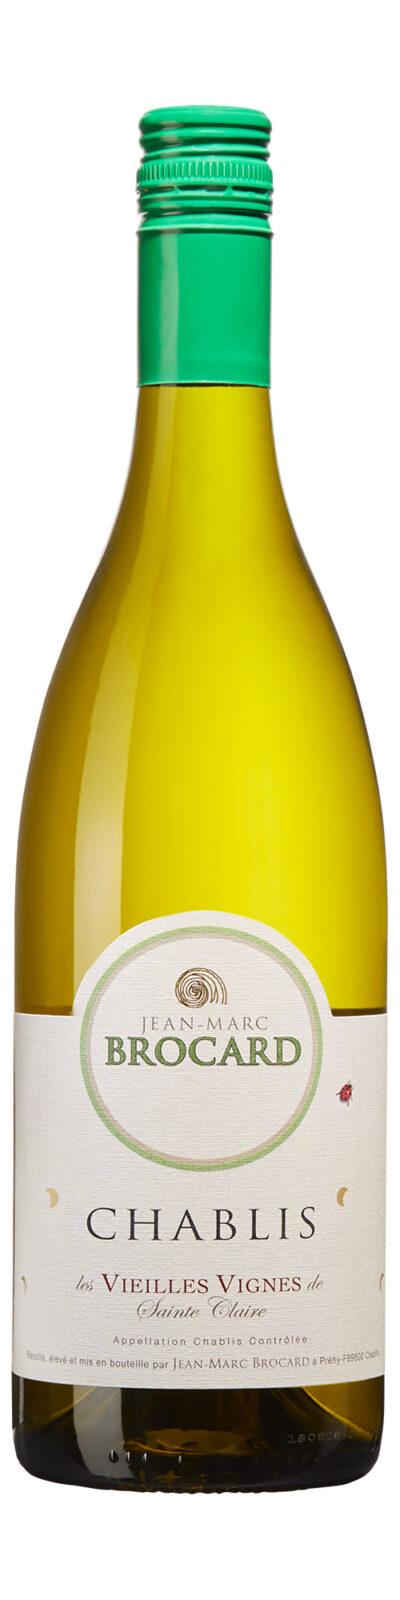 Brocard Chablis Vieilles Vignes Sainte Claire